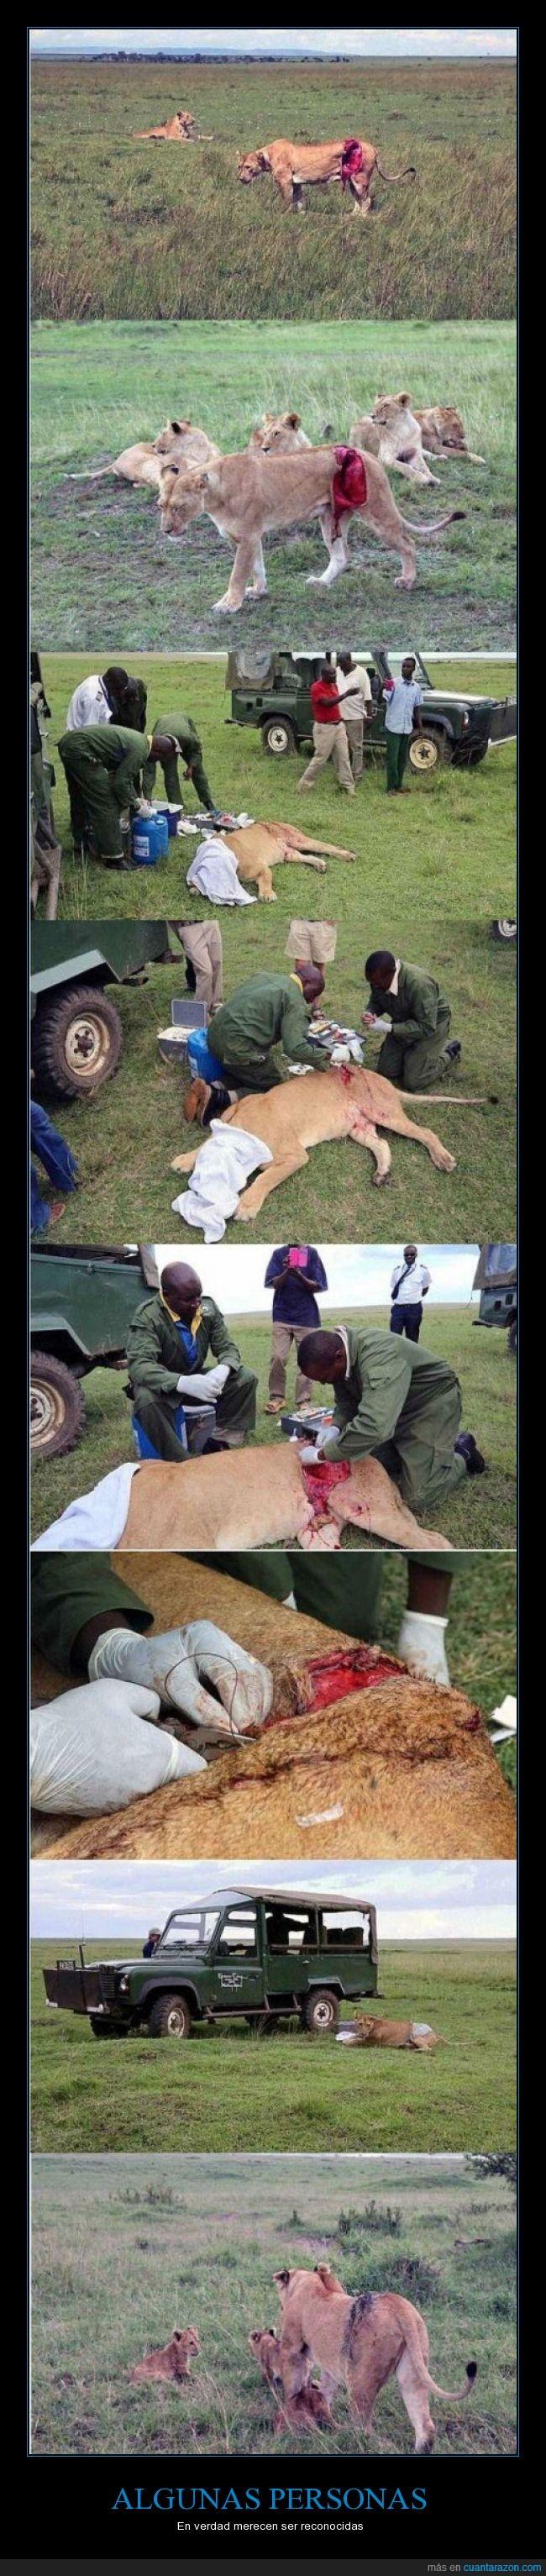 animales,ayudar,coser,curar,depredadores,grande,herida,leona,nobleza